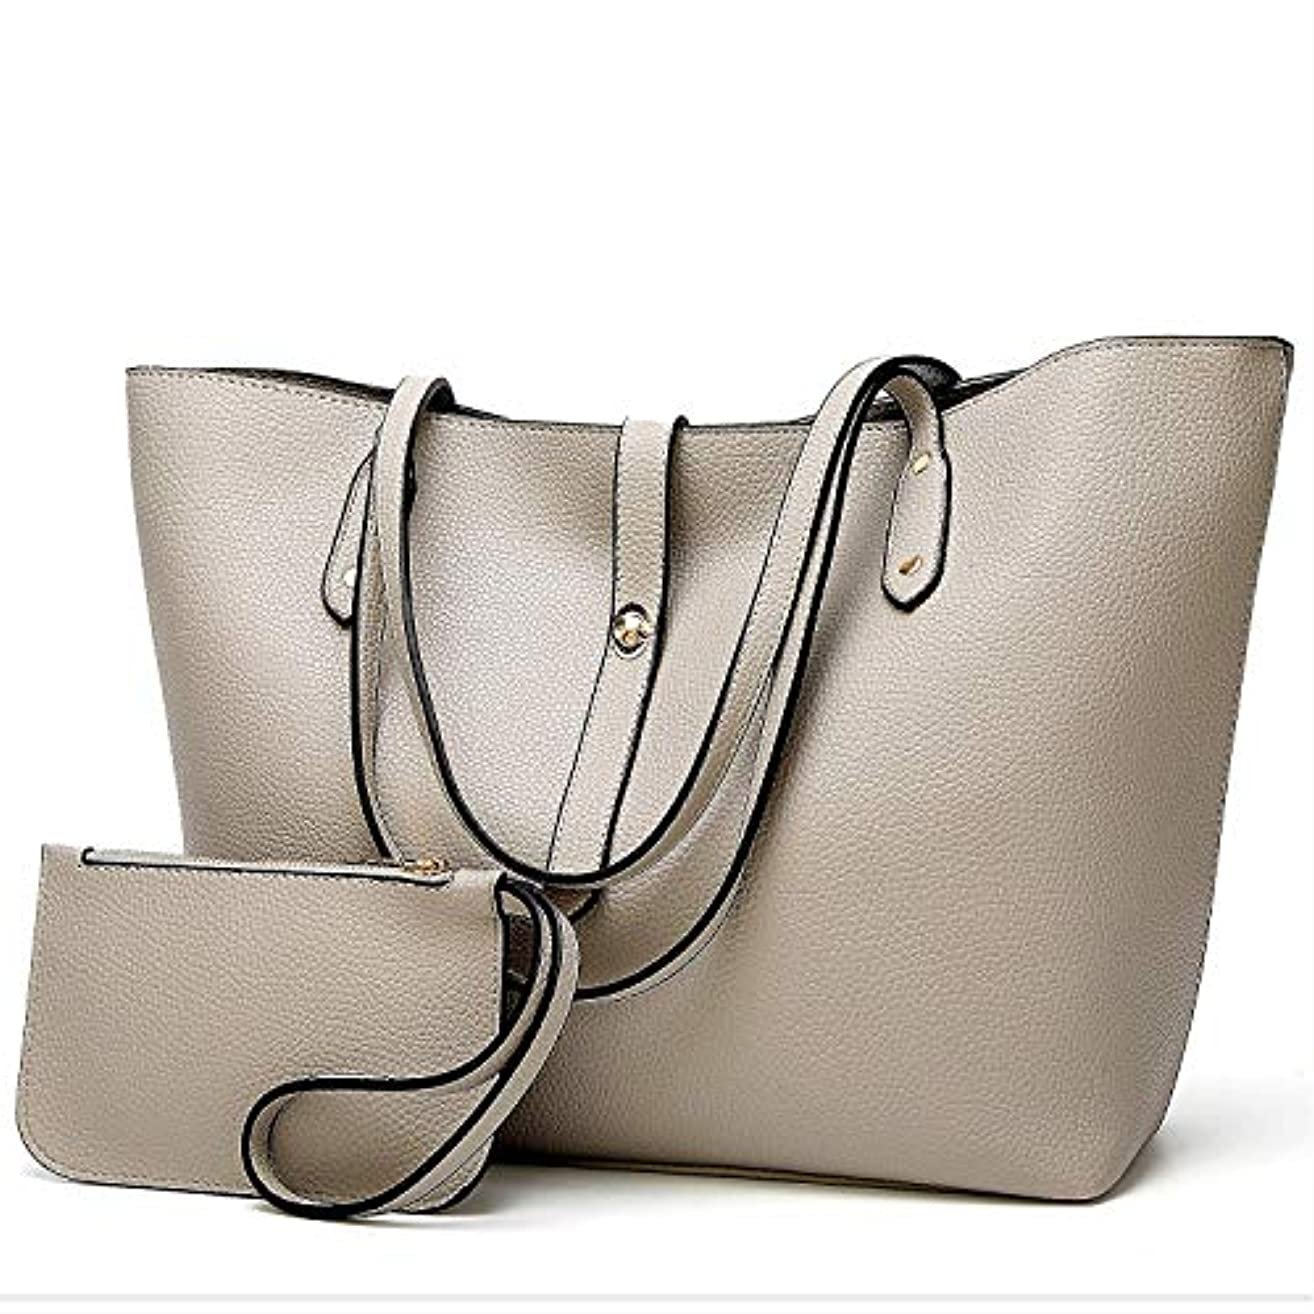 タブレット警告する滞在[TcIFE] ハンドバッグ レディース トートバッグ 大容量 無地 ショルダーバッグ 2way 財布とハンドバッグ